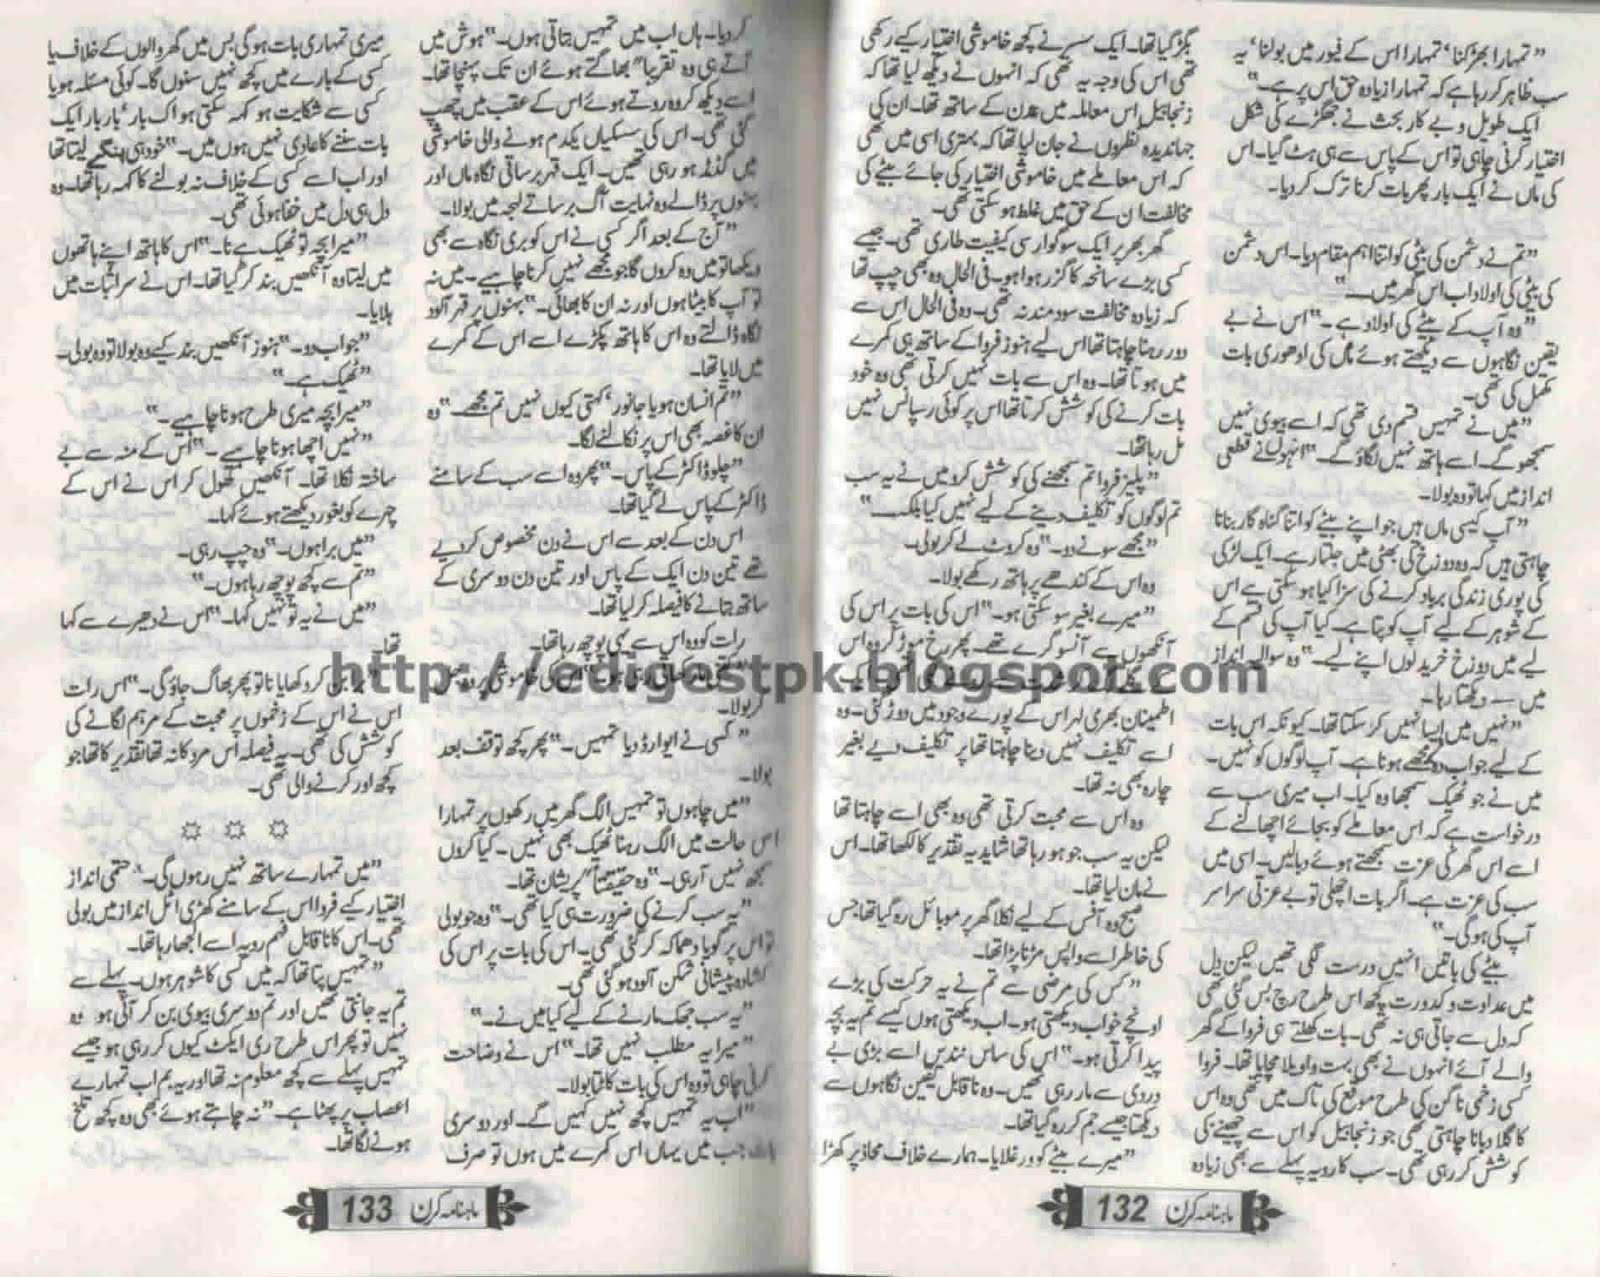 Urdu Novel Lovers: Anaa parast novel by Nadia Ameen